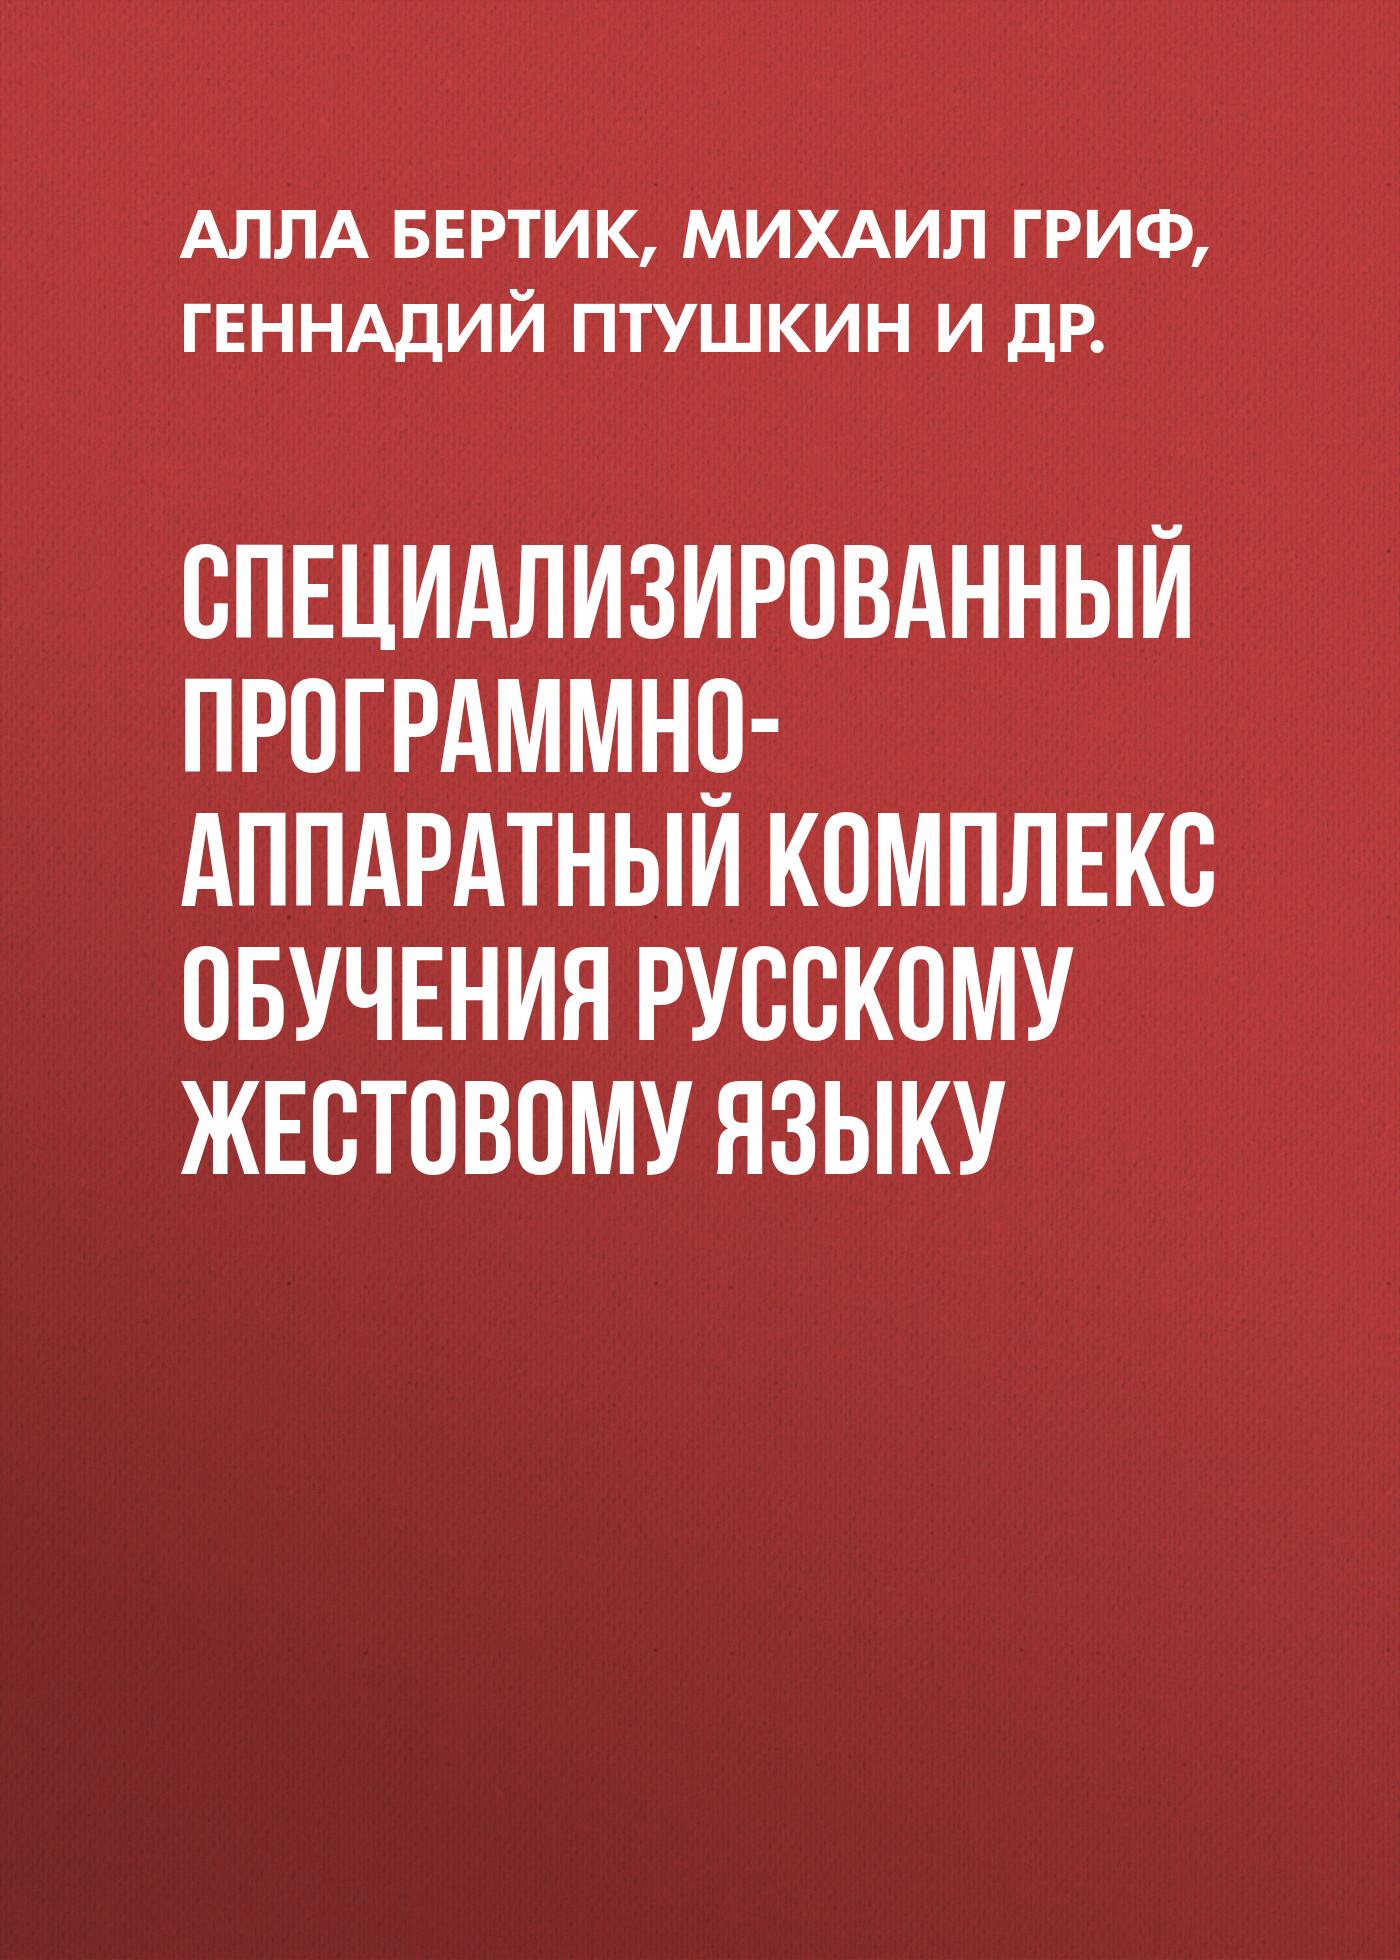 Геннадий Птушкин Специализированный программно-аппаратный комплекс обучения русскому жестовому языку геннадий птушкин специализированный программно аппаратный комплекс обучения русскому жестовому языку